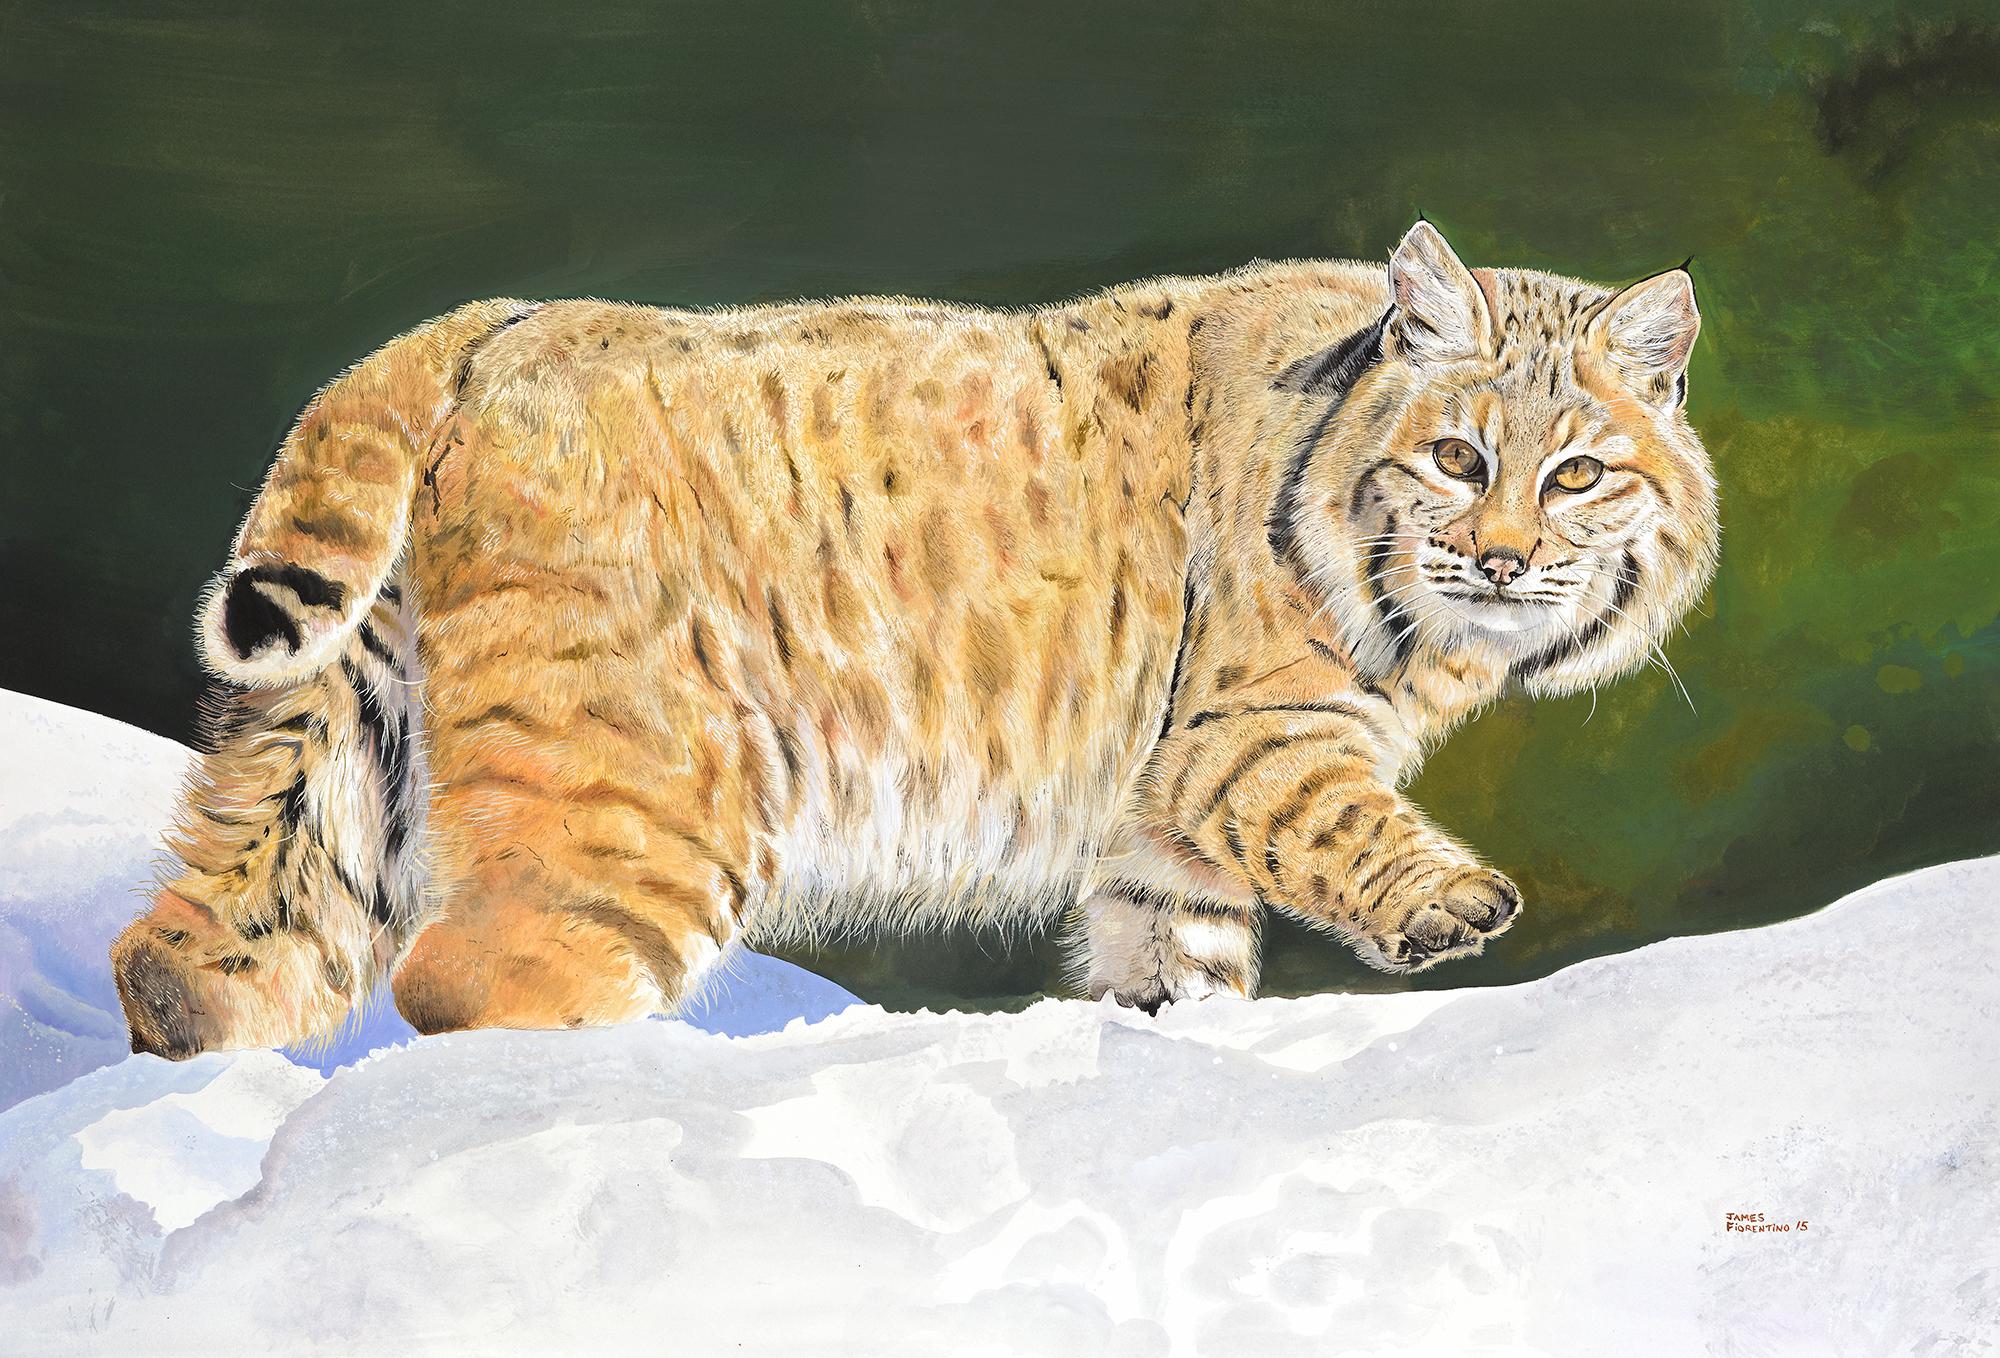 bobcat - arttodreamfor.jpg